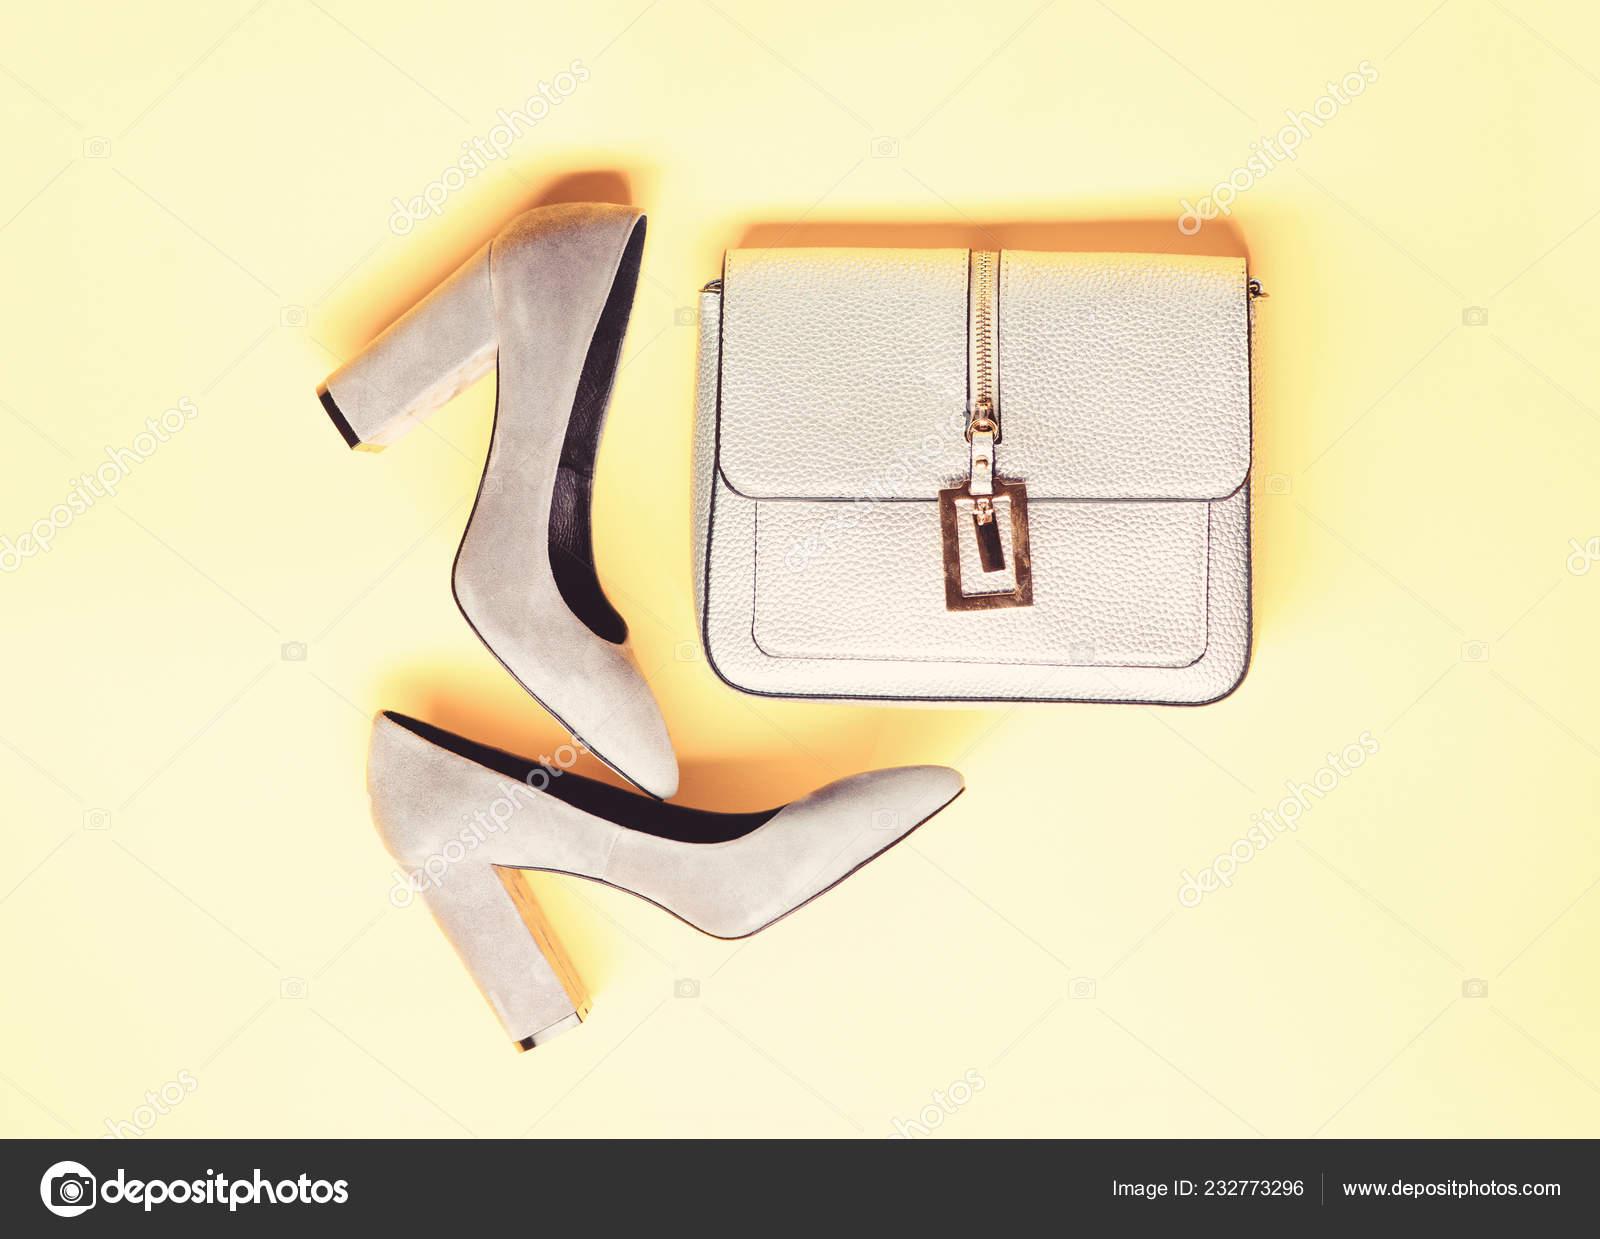 65d4b00163 Concepto de accesorios de moda. Par de zapatos de tacón alto moda y  monedero de plata. Zapatos de gamuza gris sobre fondo amarillo. Calzado  para mujer con ...